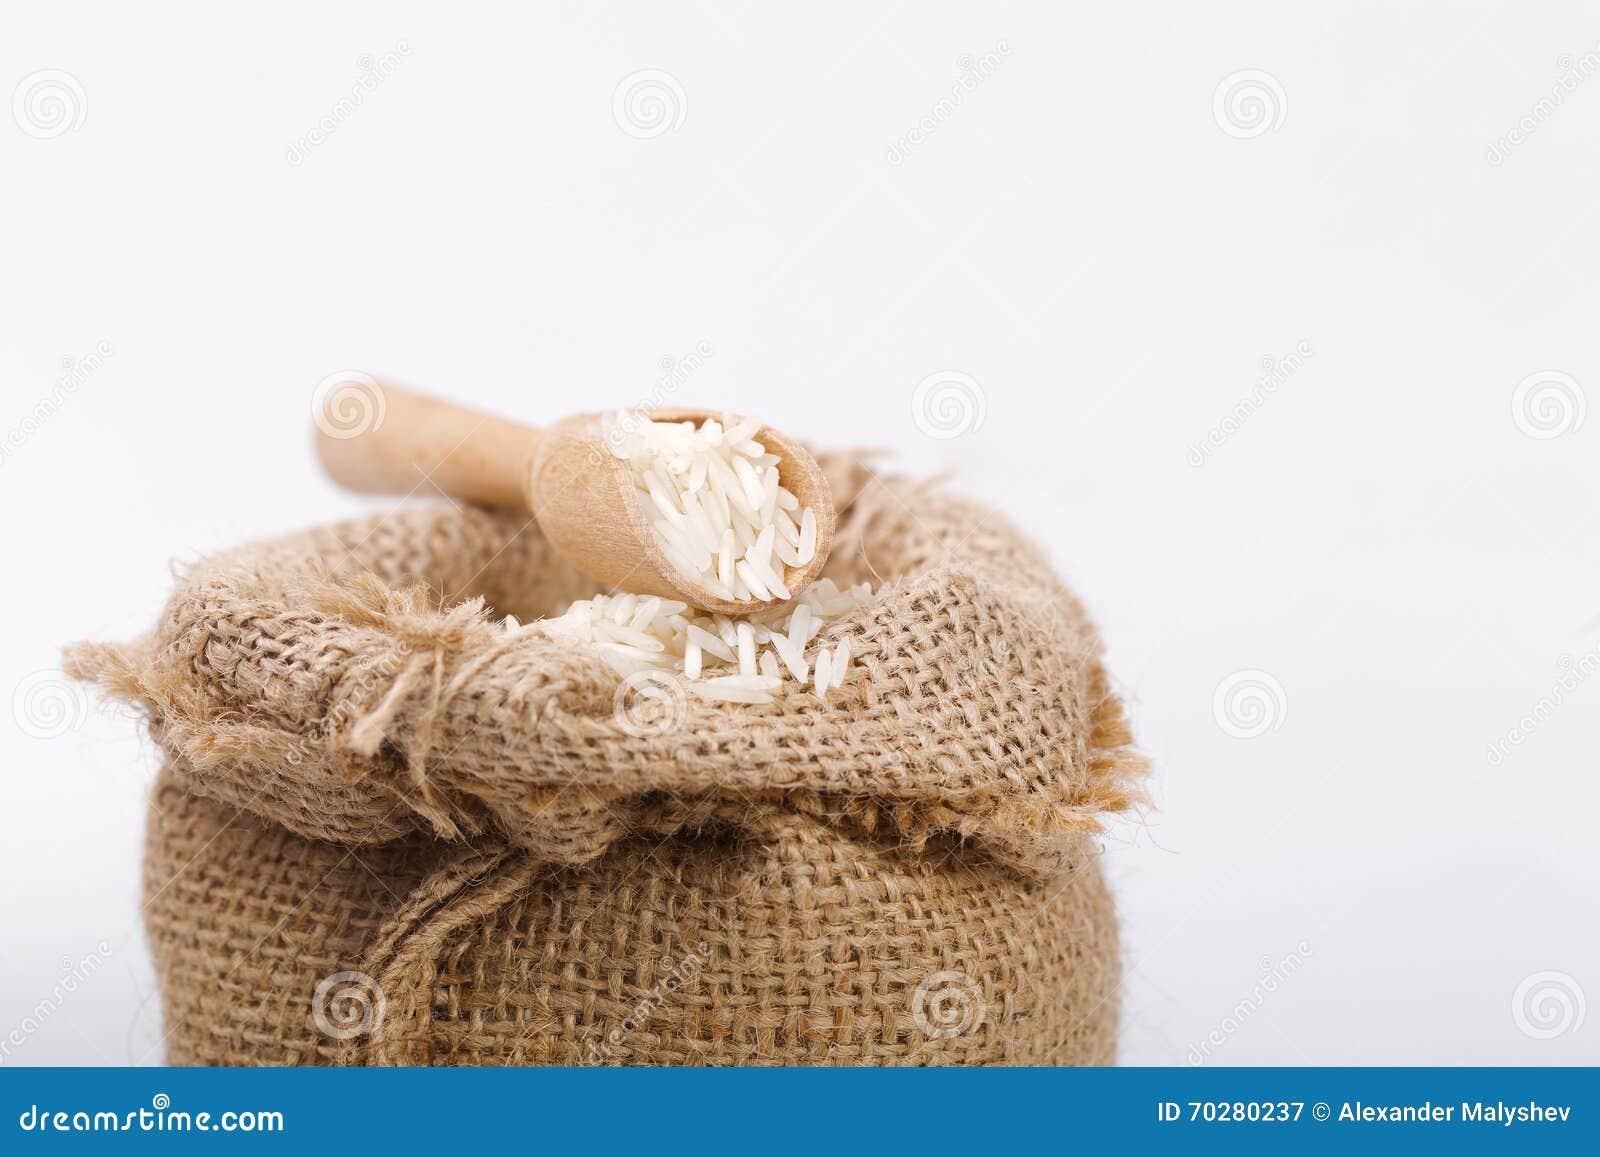 Arroz largo blanco en saco de la arpillera con la cuchara de madera imagen de archivo imagen - Saco arpillera ...